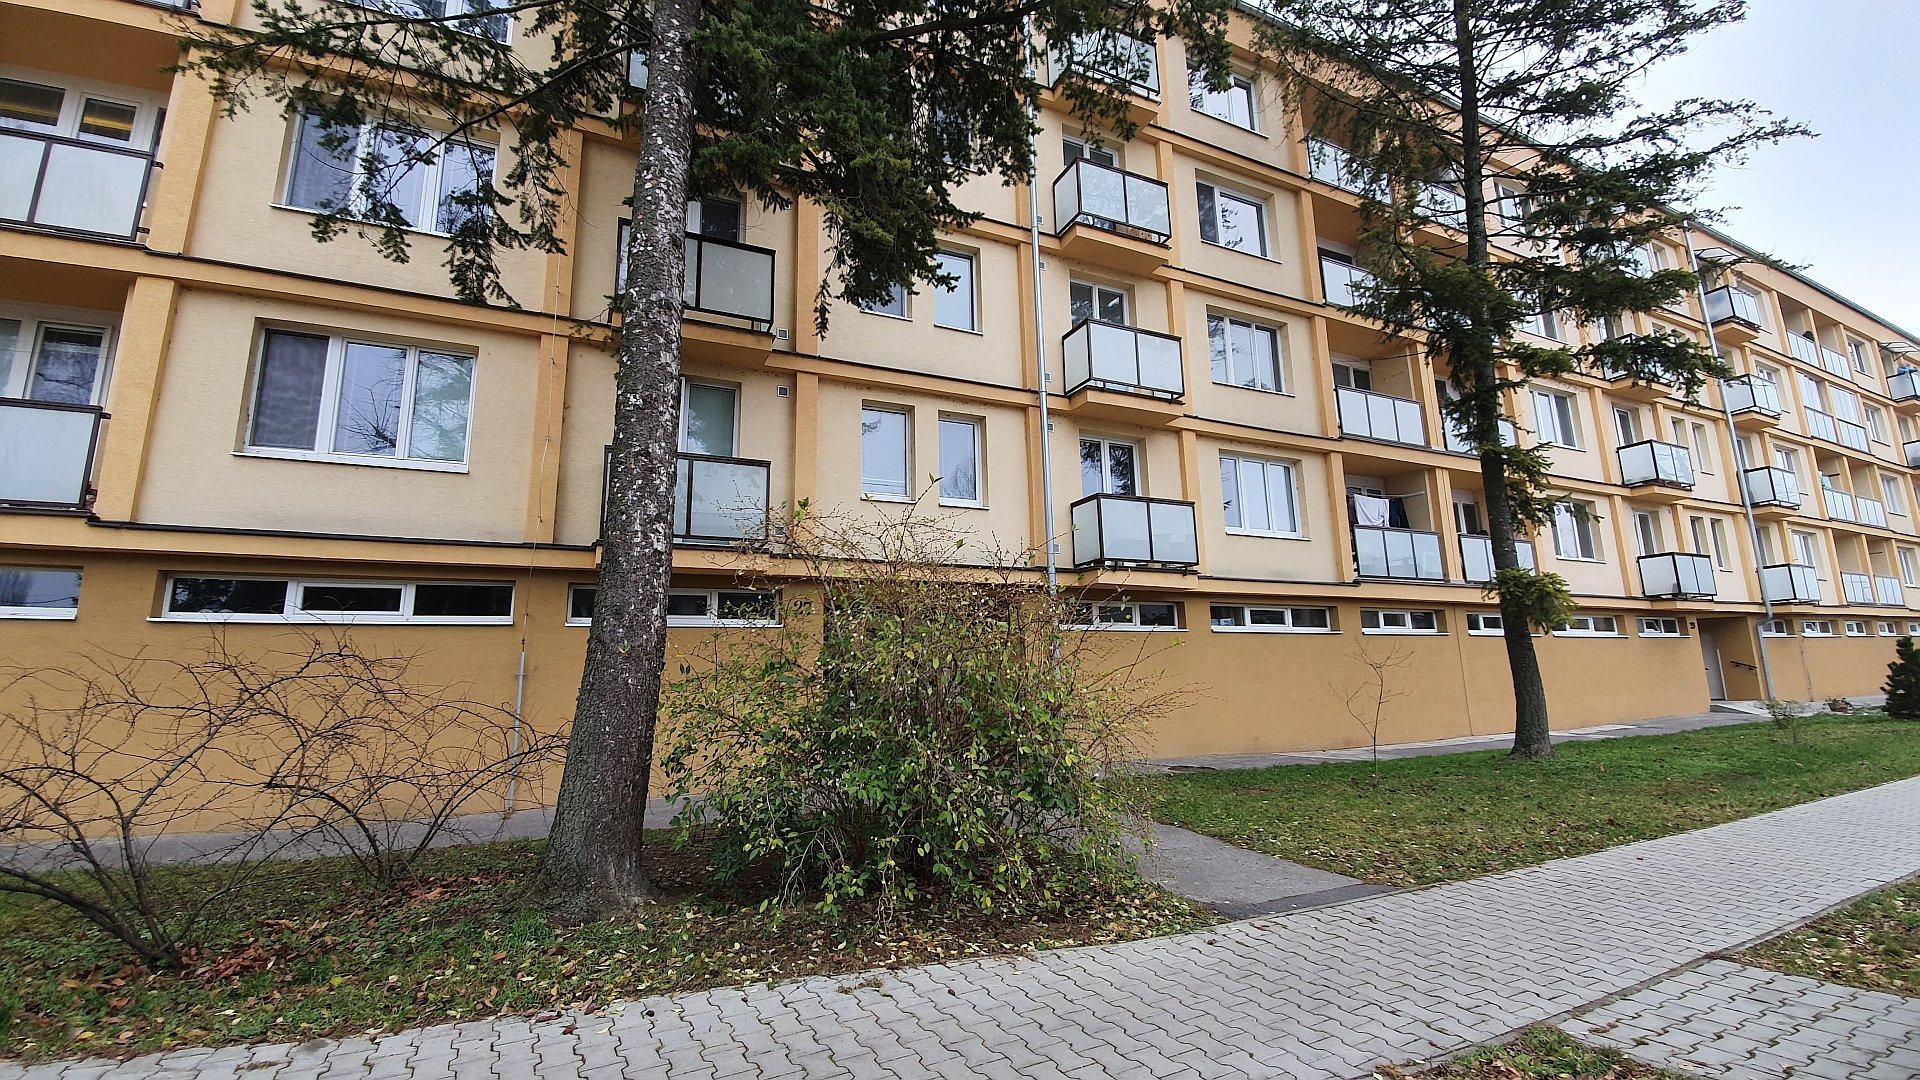 Dvojizbový byt s balkónom a loggiou pri rieke Váh